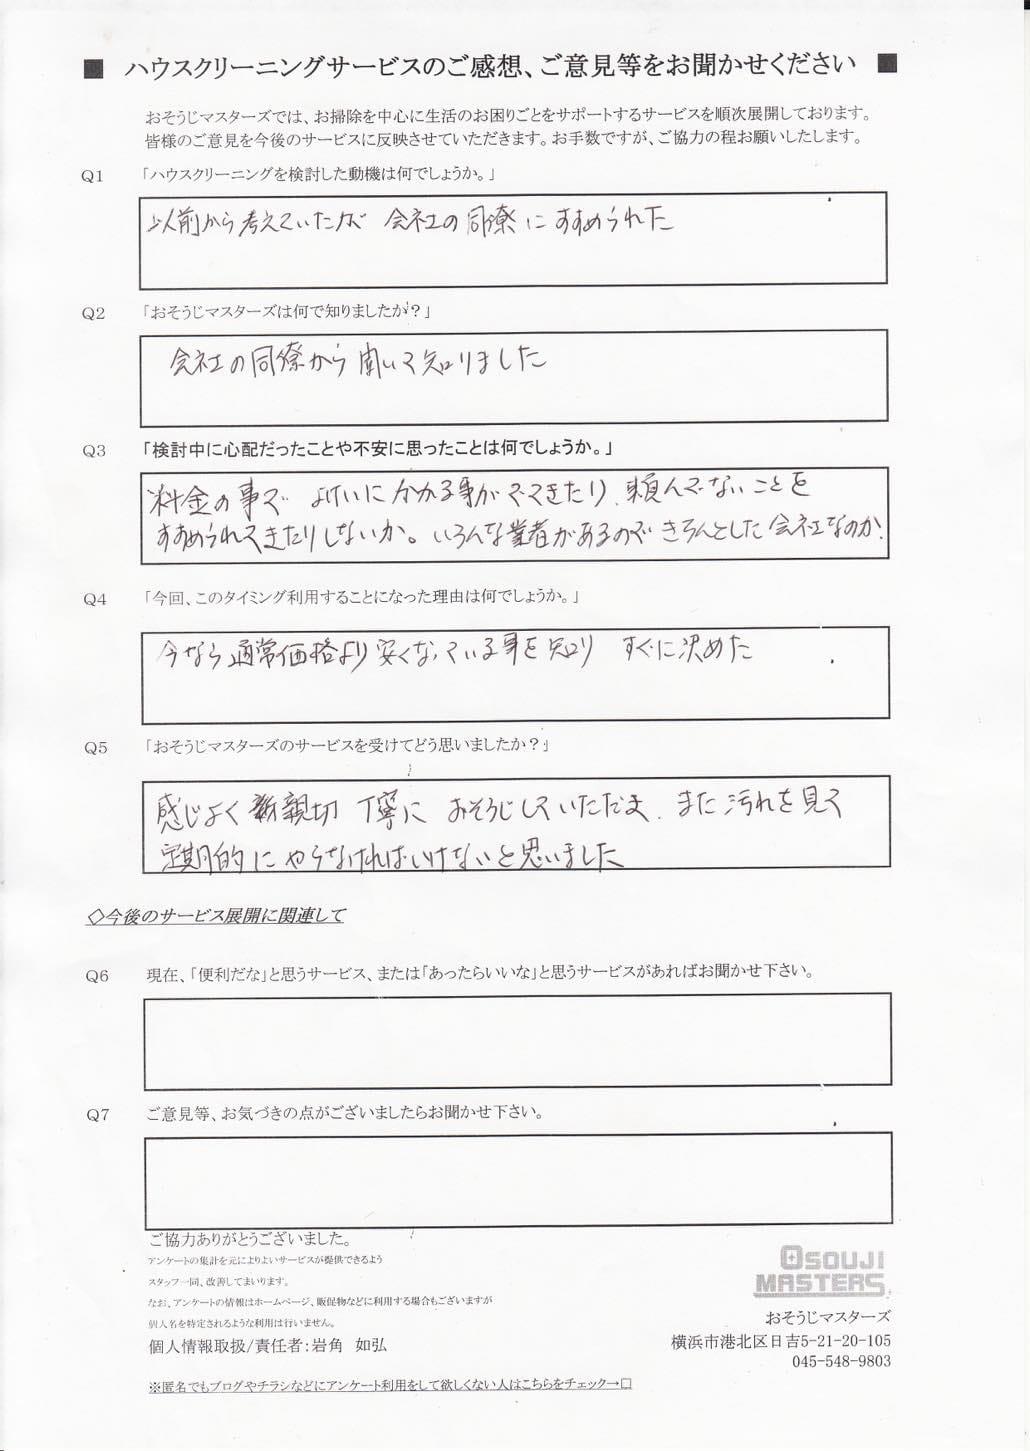 2015/07/14 エアコンクリーニング 【横浜市鶴見区】